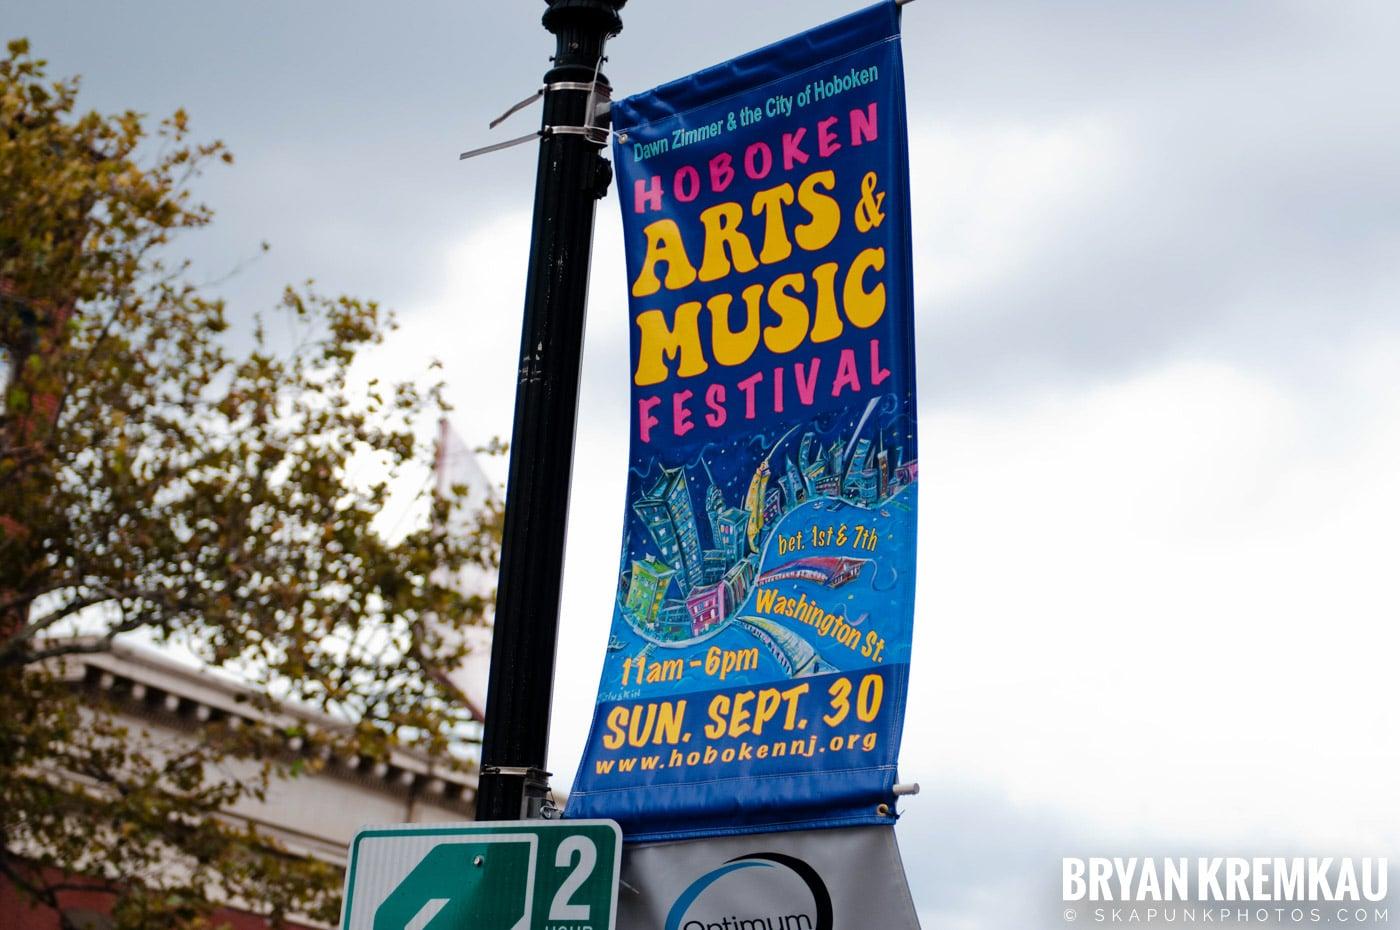 The Push Stars @ Hoboken Arts and Music Festival, Hoboken NJ - 9.30.12 (29)